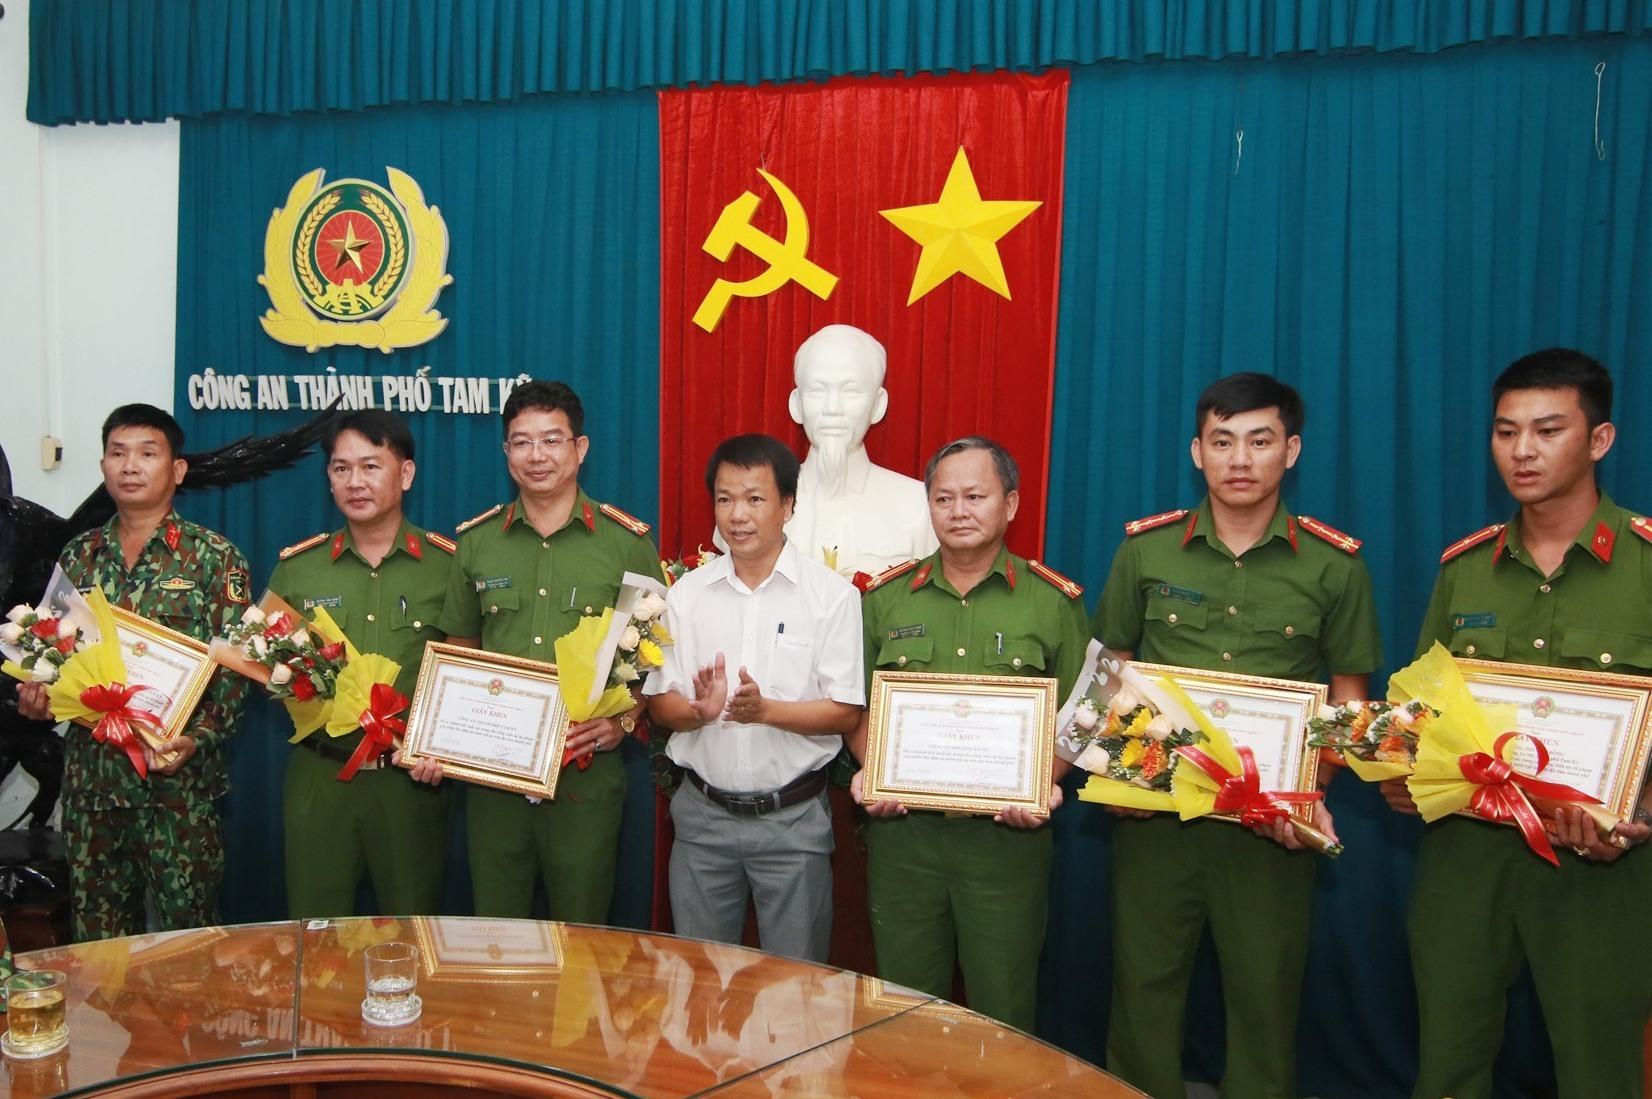 Đại diện UBND TP.Tam Kỳ cũng đã trao giấy khen, khen thưởng cho các tập thể, cá nhân có thành tích xuất sắc trong việc bắt giữ Triệu Quân Sự. Ảnh: T.C